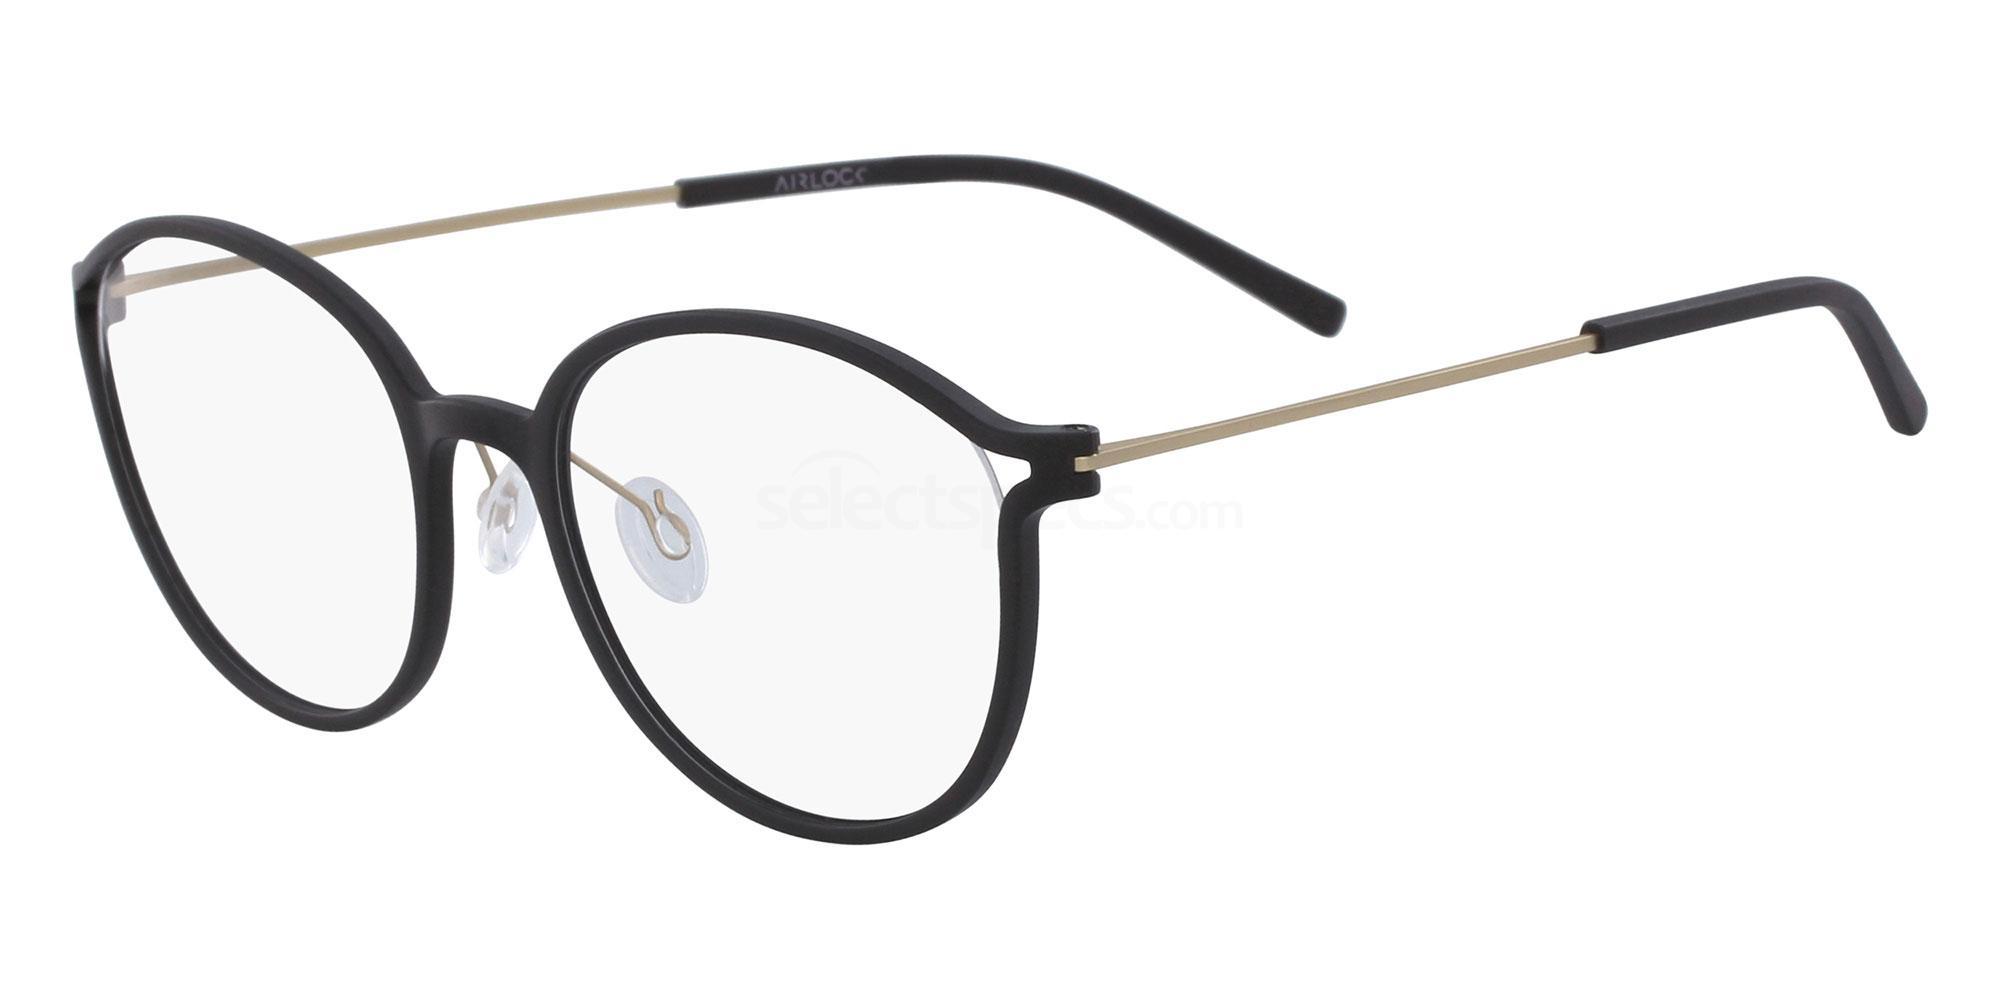 002 AIRLOCK 3002 Glasses, AIRLOCK